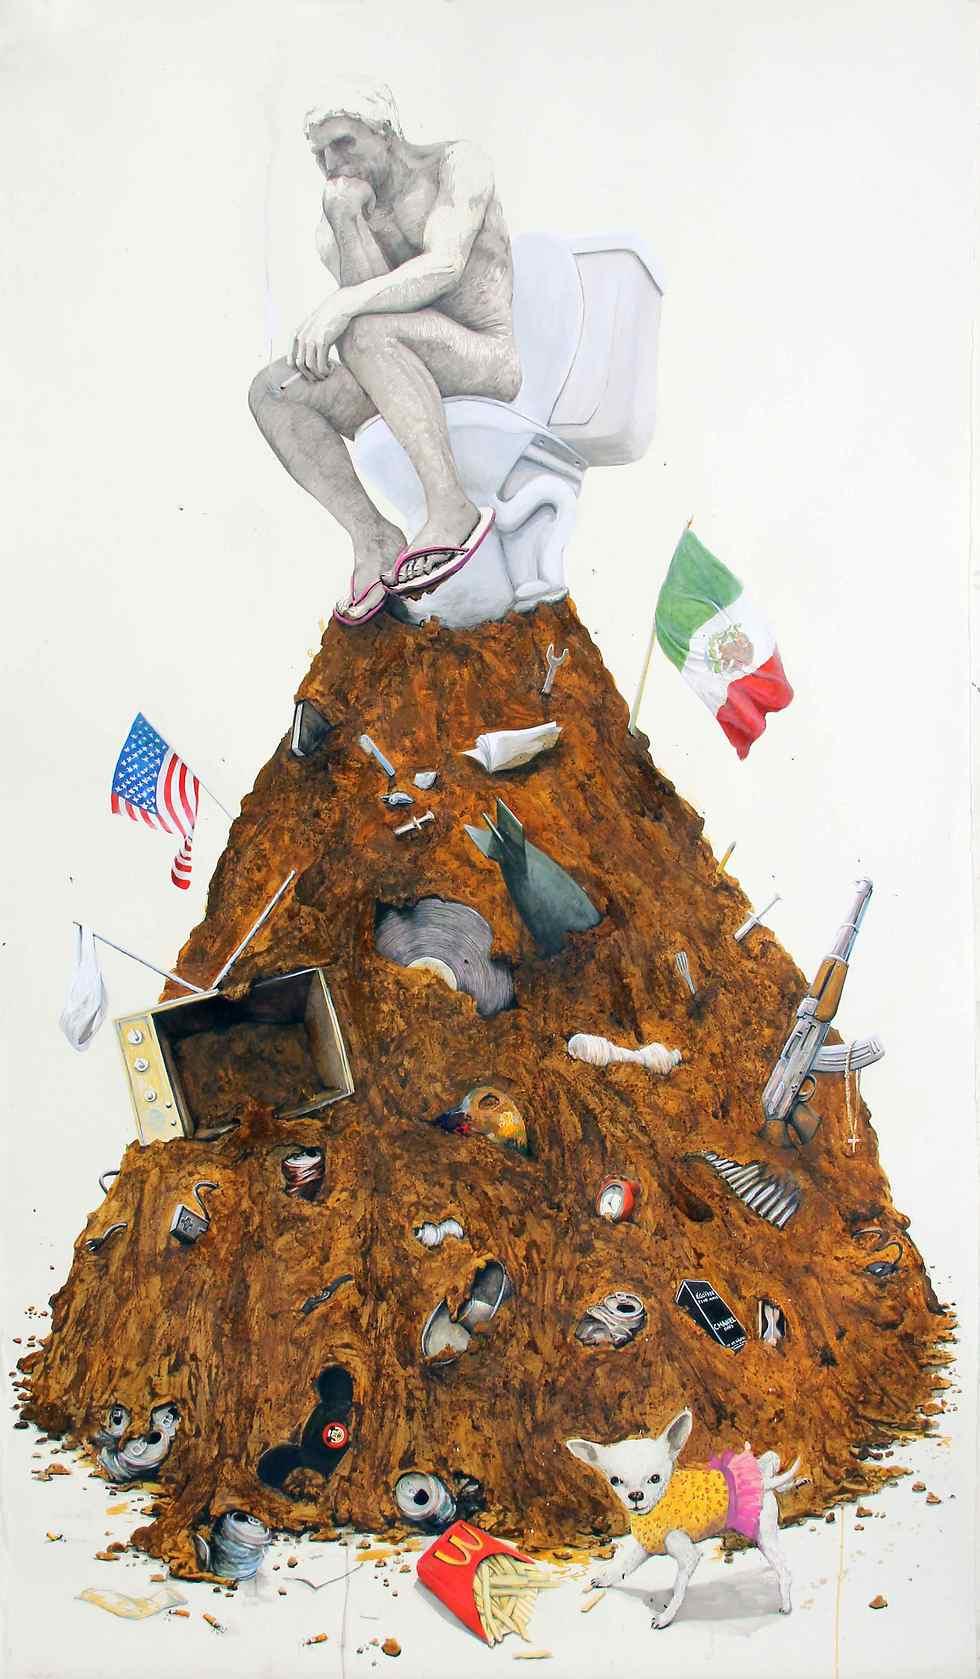 """""""העניין הוא לא החומר עצמו של האשפה"""" (CRUMBS AND DETRITUS, ציור מאת רודריגו איימז) (CRUMBS AND DETRITUS, ציור מאת רודריגו איימז)"""